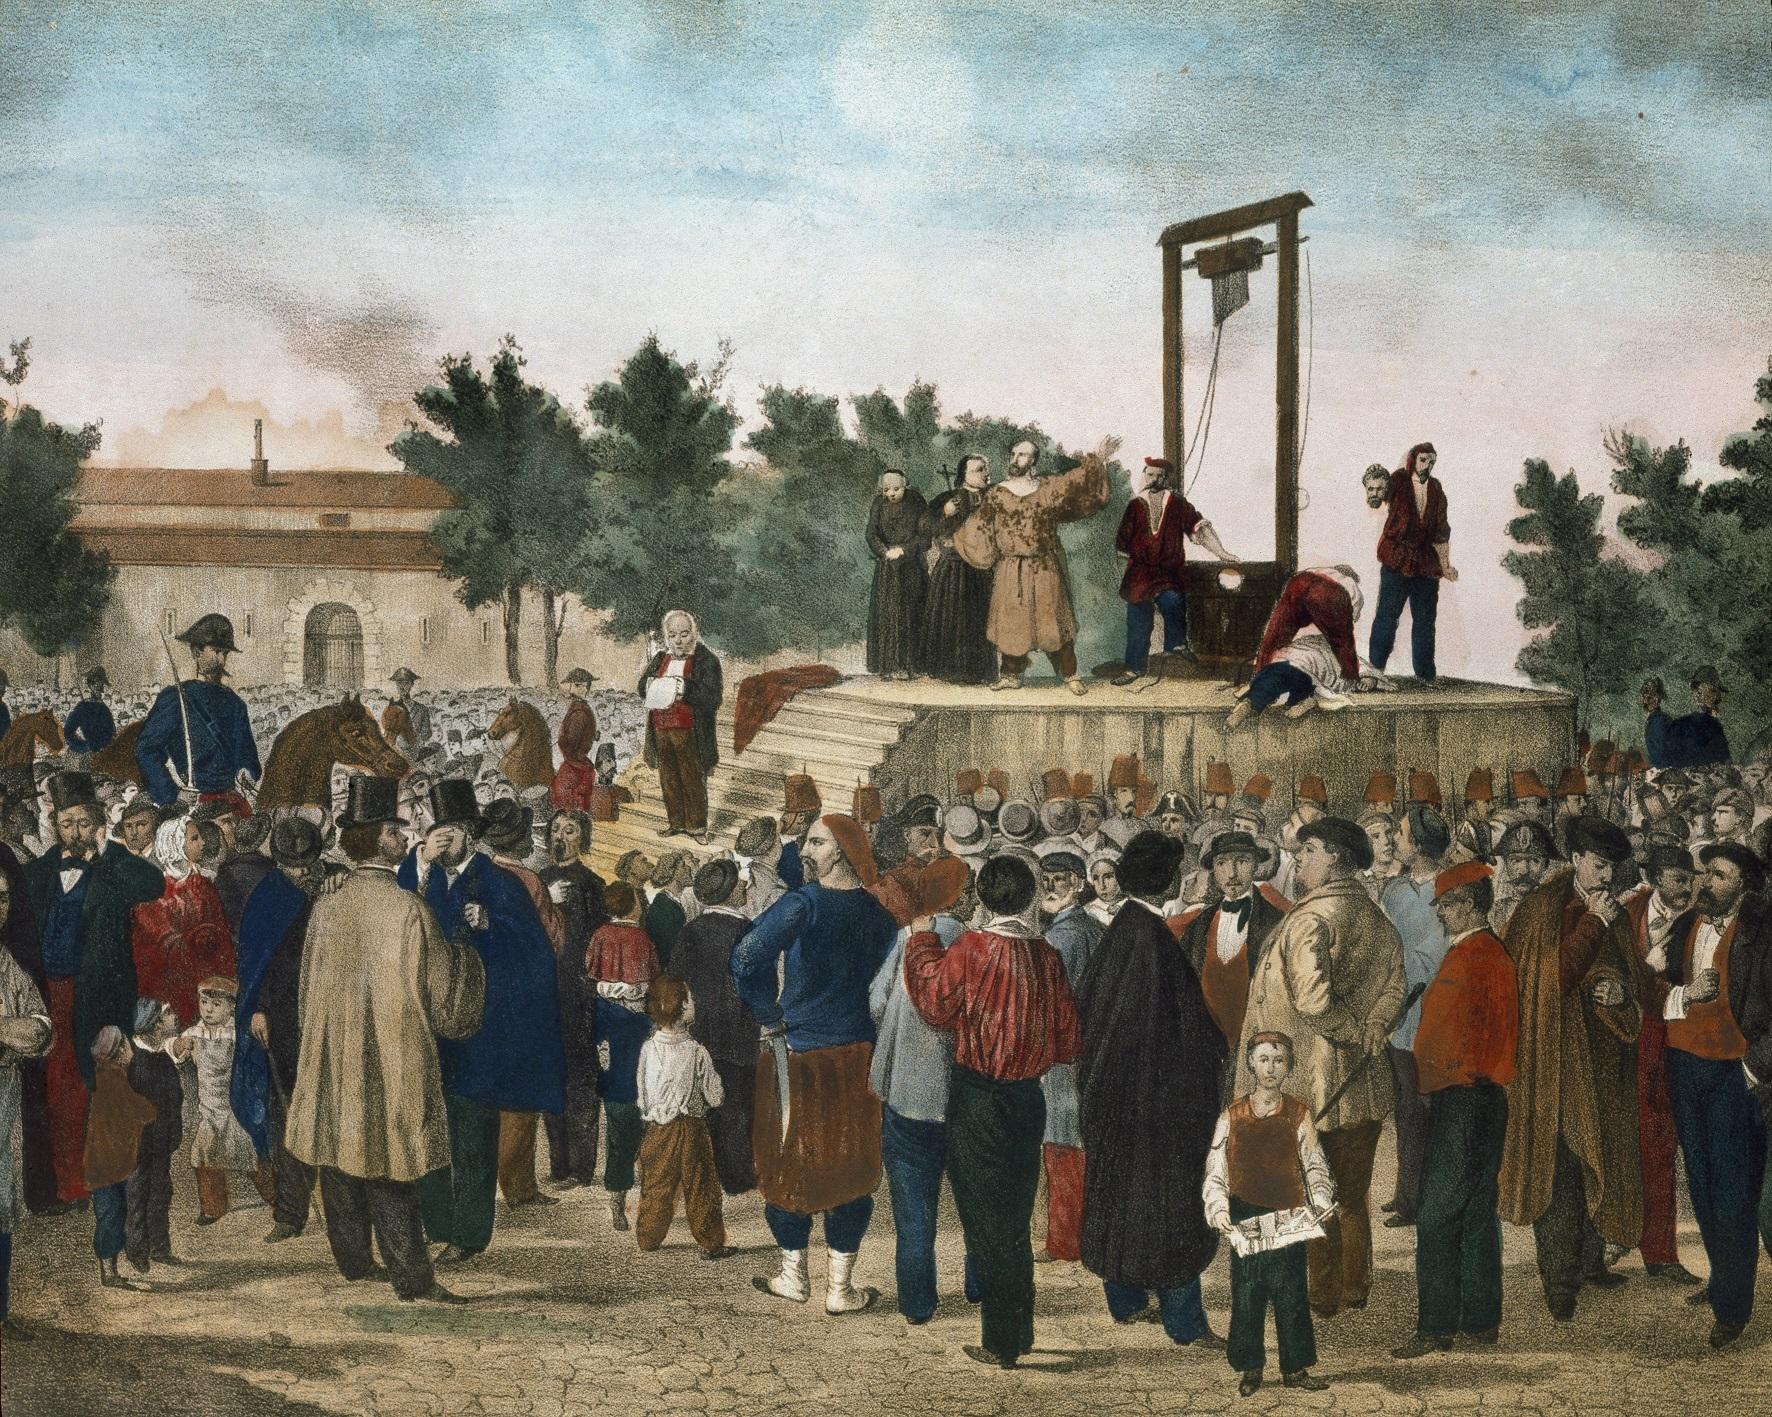 Litografia 'A execução', de Felice Orsini e Pieri/ Reprodução: Luisa Ricciarini/Leemage